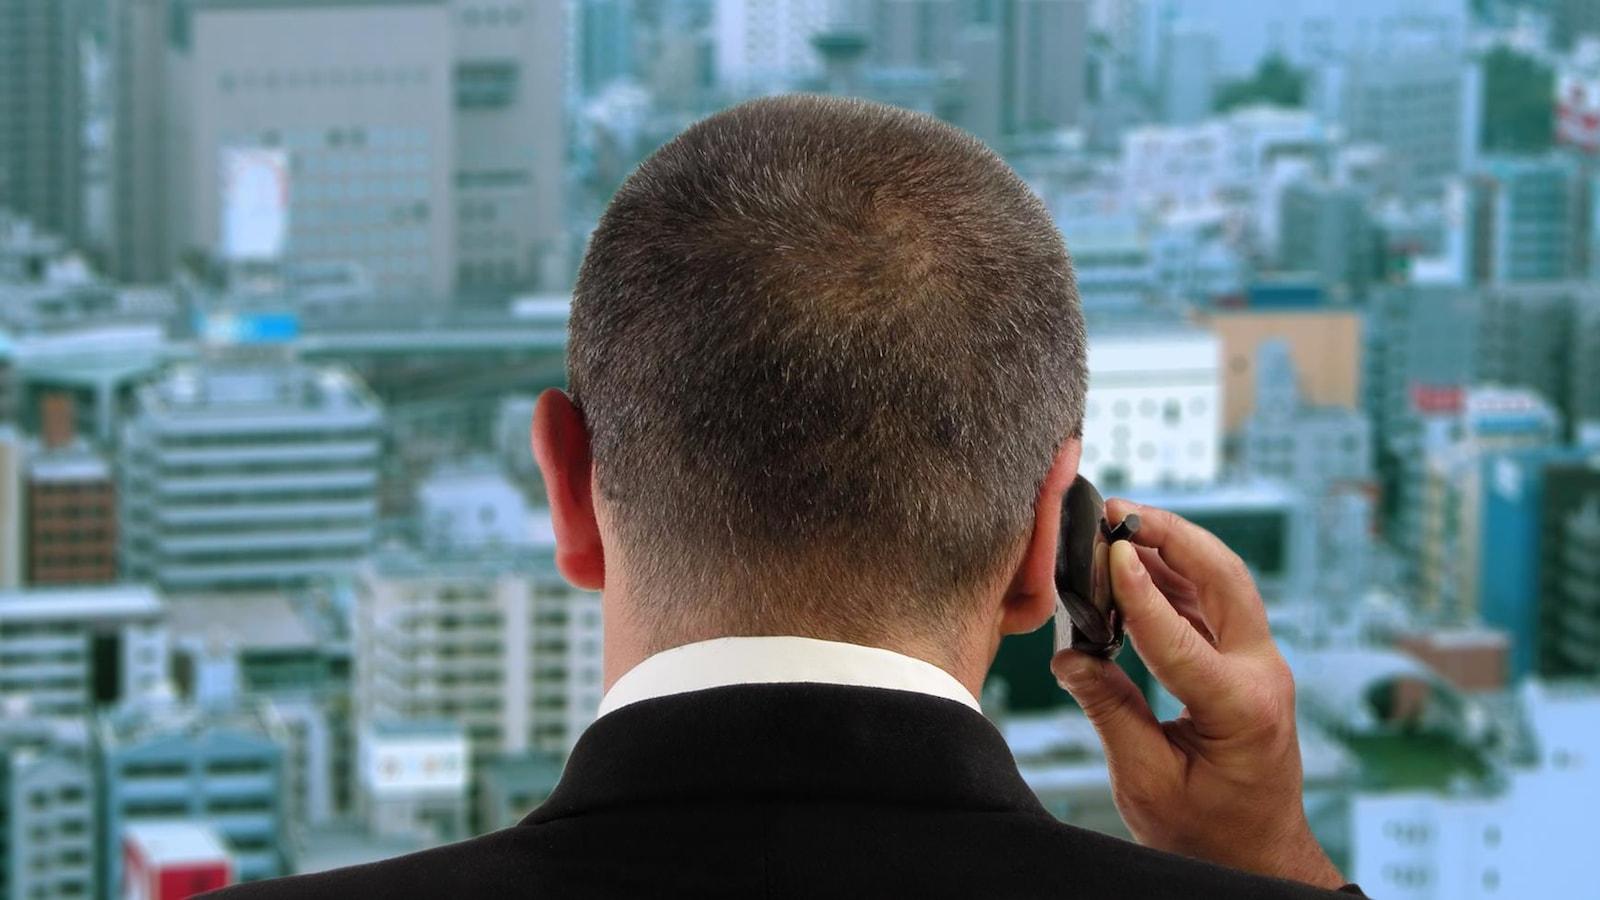 Un homme au téléphone regarde par la fenêtre d'un gratte-ciel.